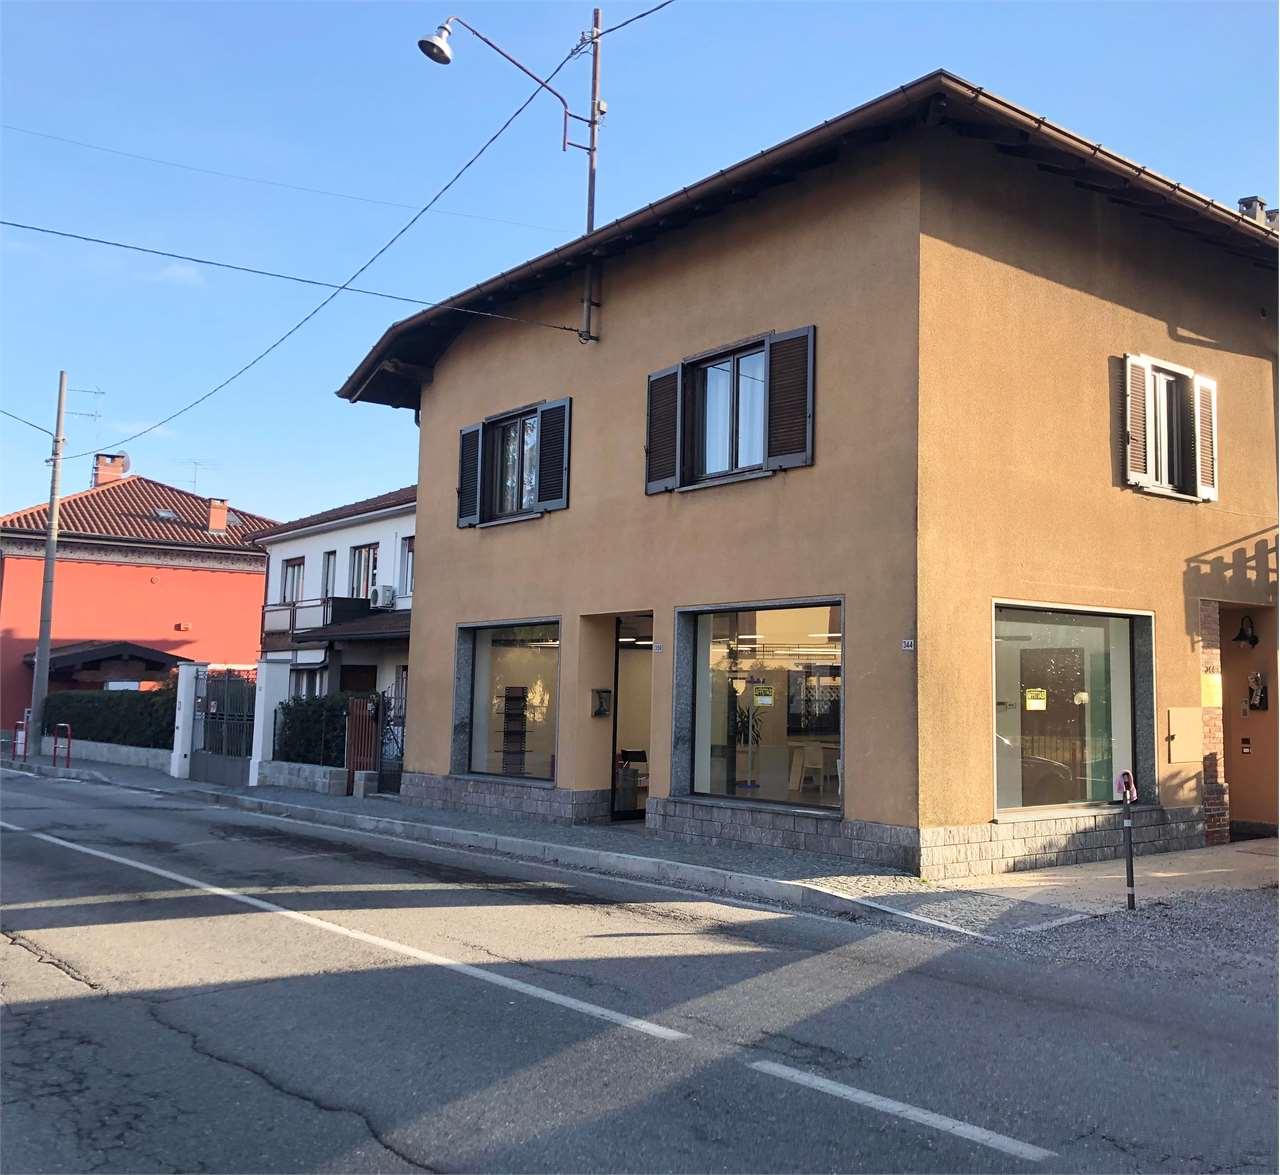 Ufficio / Studio in affitto a Ispra, 1 locali, prezzo € 700 | PortaleAgenzieImmobiliari.it